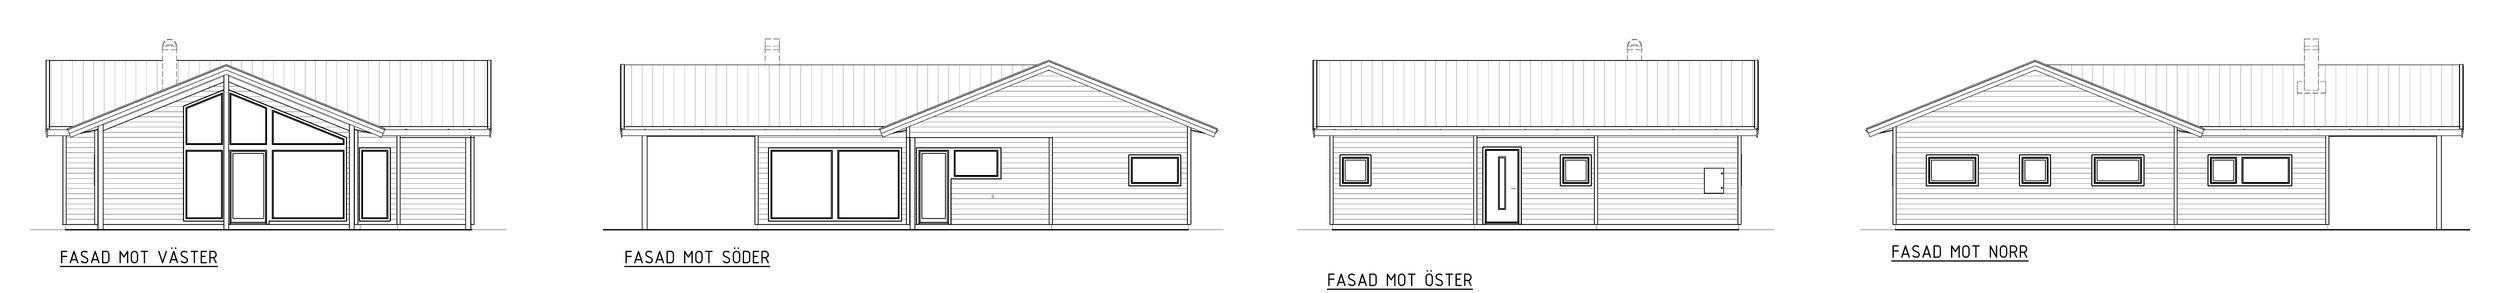 Birka fasader.jpg